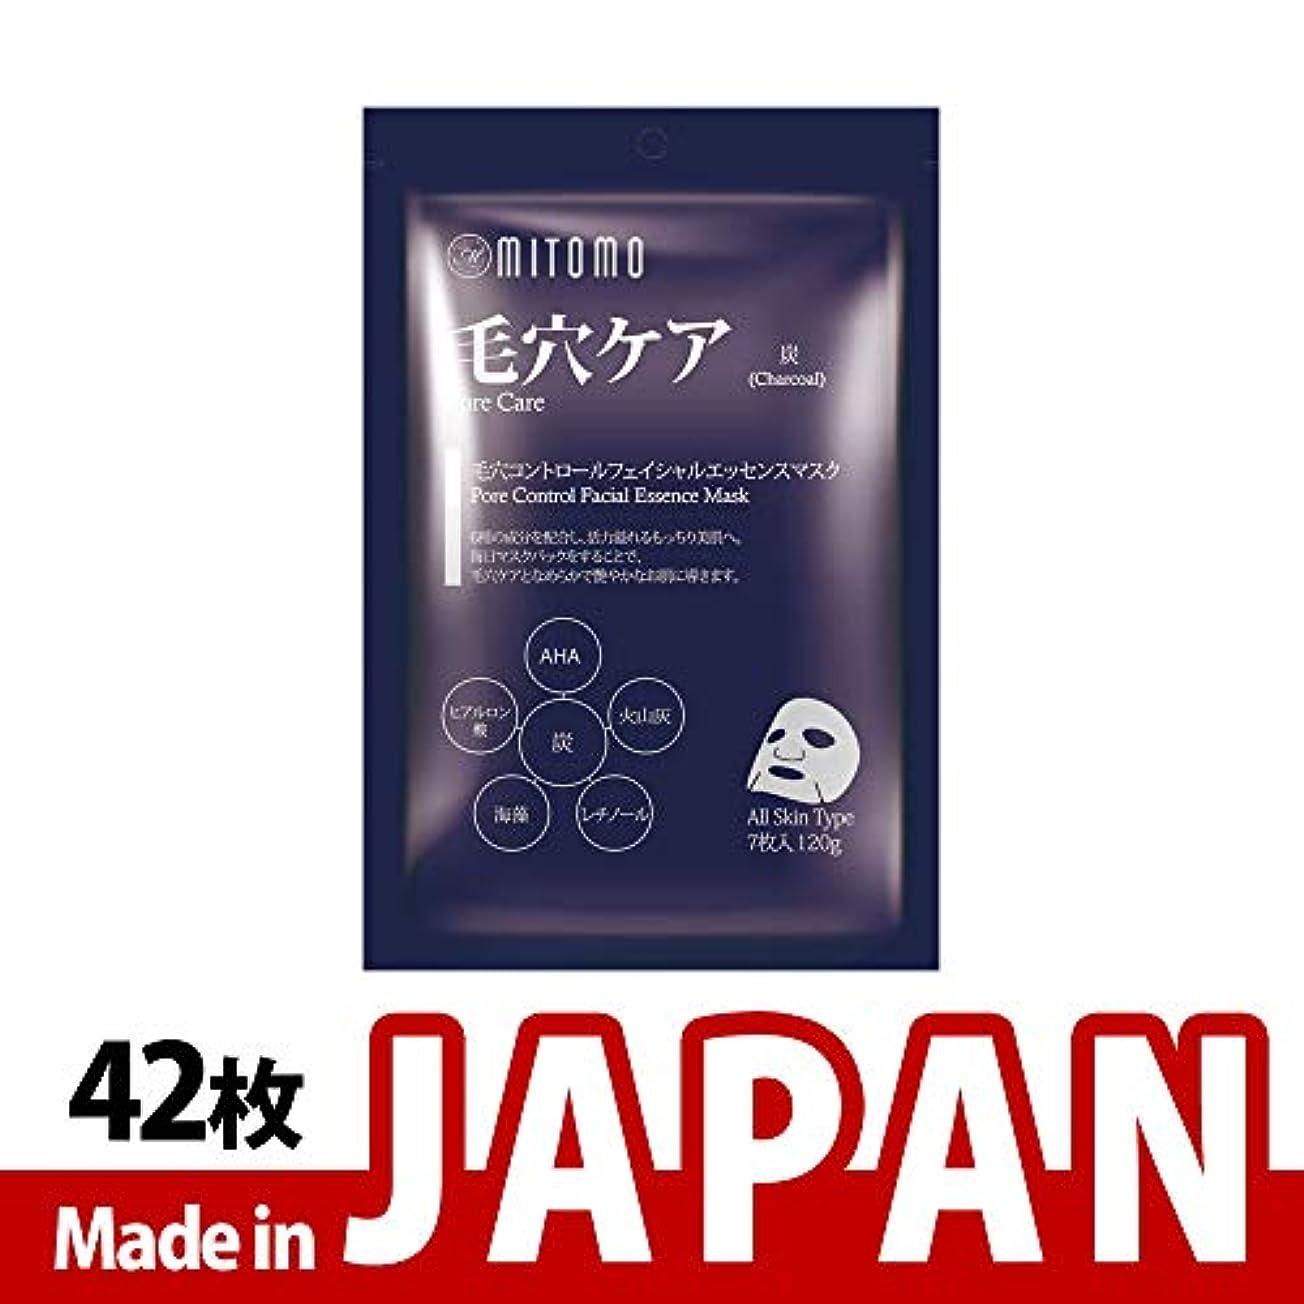 人生を作る複合タッチ【MT101-C-3】MITOMO日本製シートマスク/7枚入り/42枚/美容液/マスクパック/送料無料